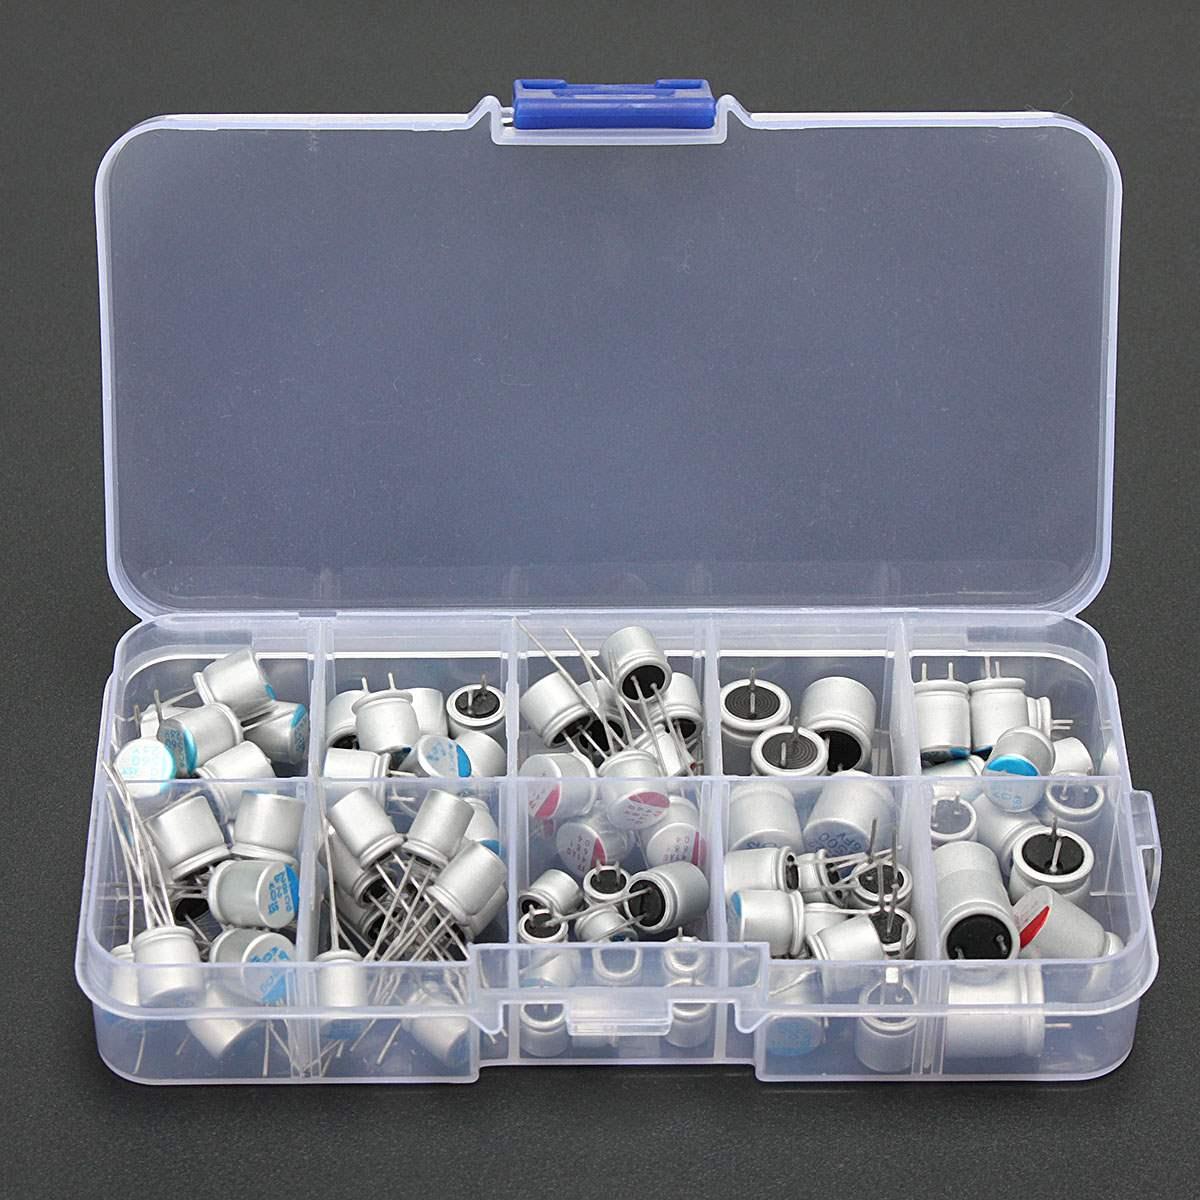 10values 90pcs Solid Capacitor Assorted Kit 2.5V/4V/6.3V/16V 100uF 270uF 470uF 560uF 680uF 1500uF With Free Storage Box